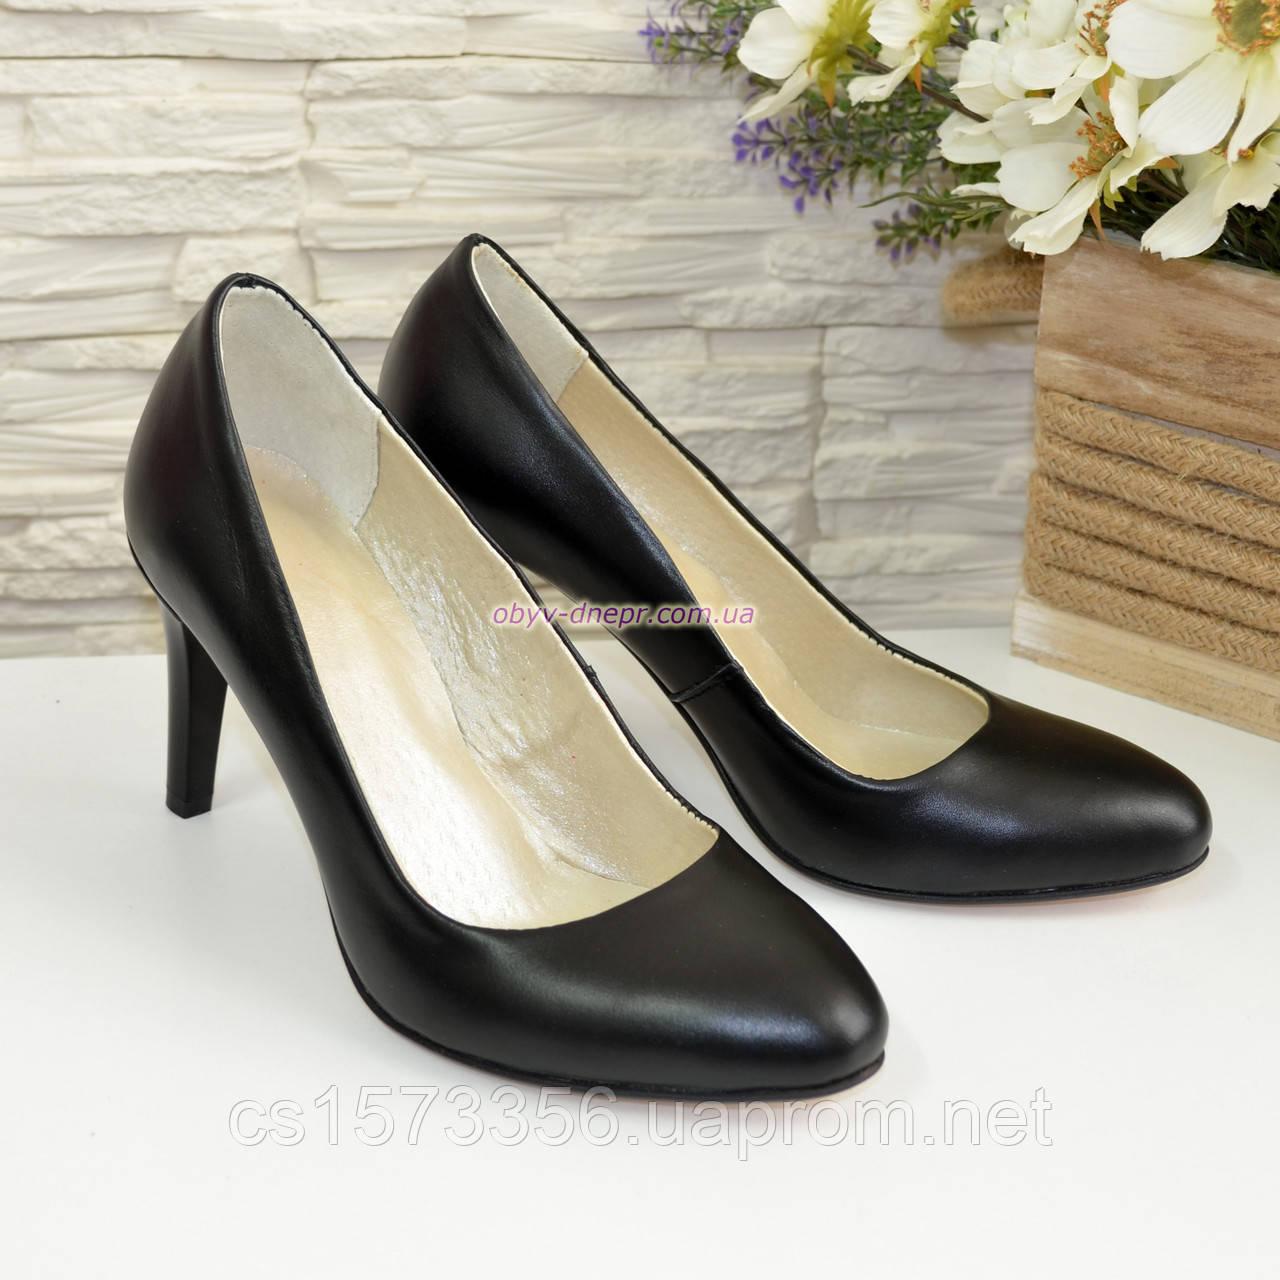 Женские классические кожаные черные туфли на шпильке!